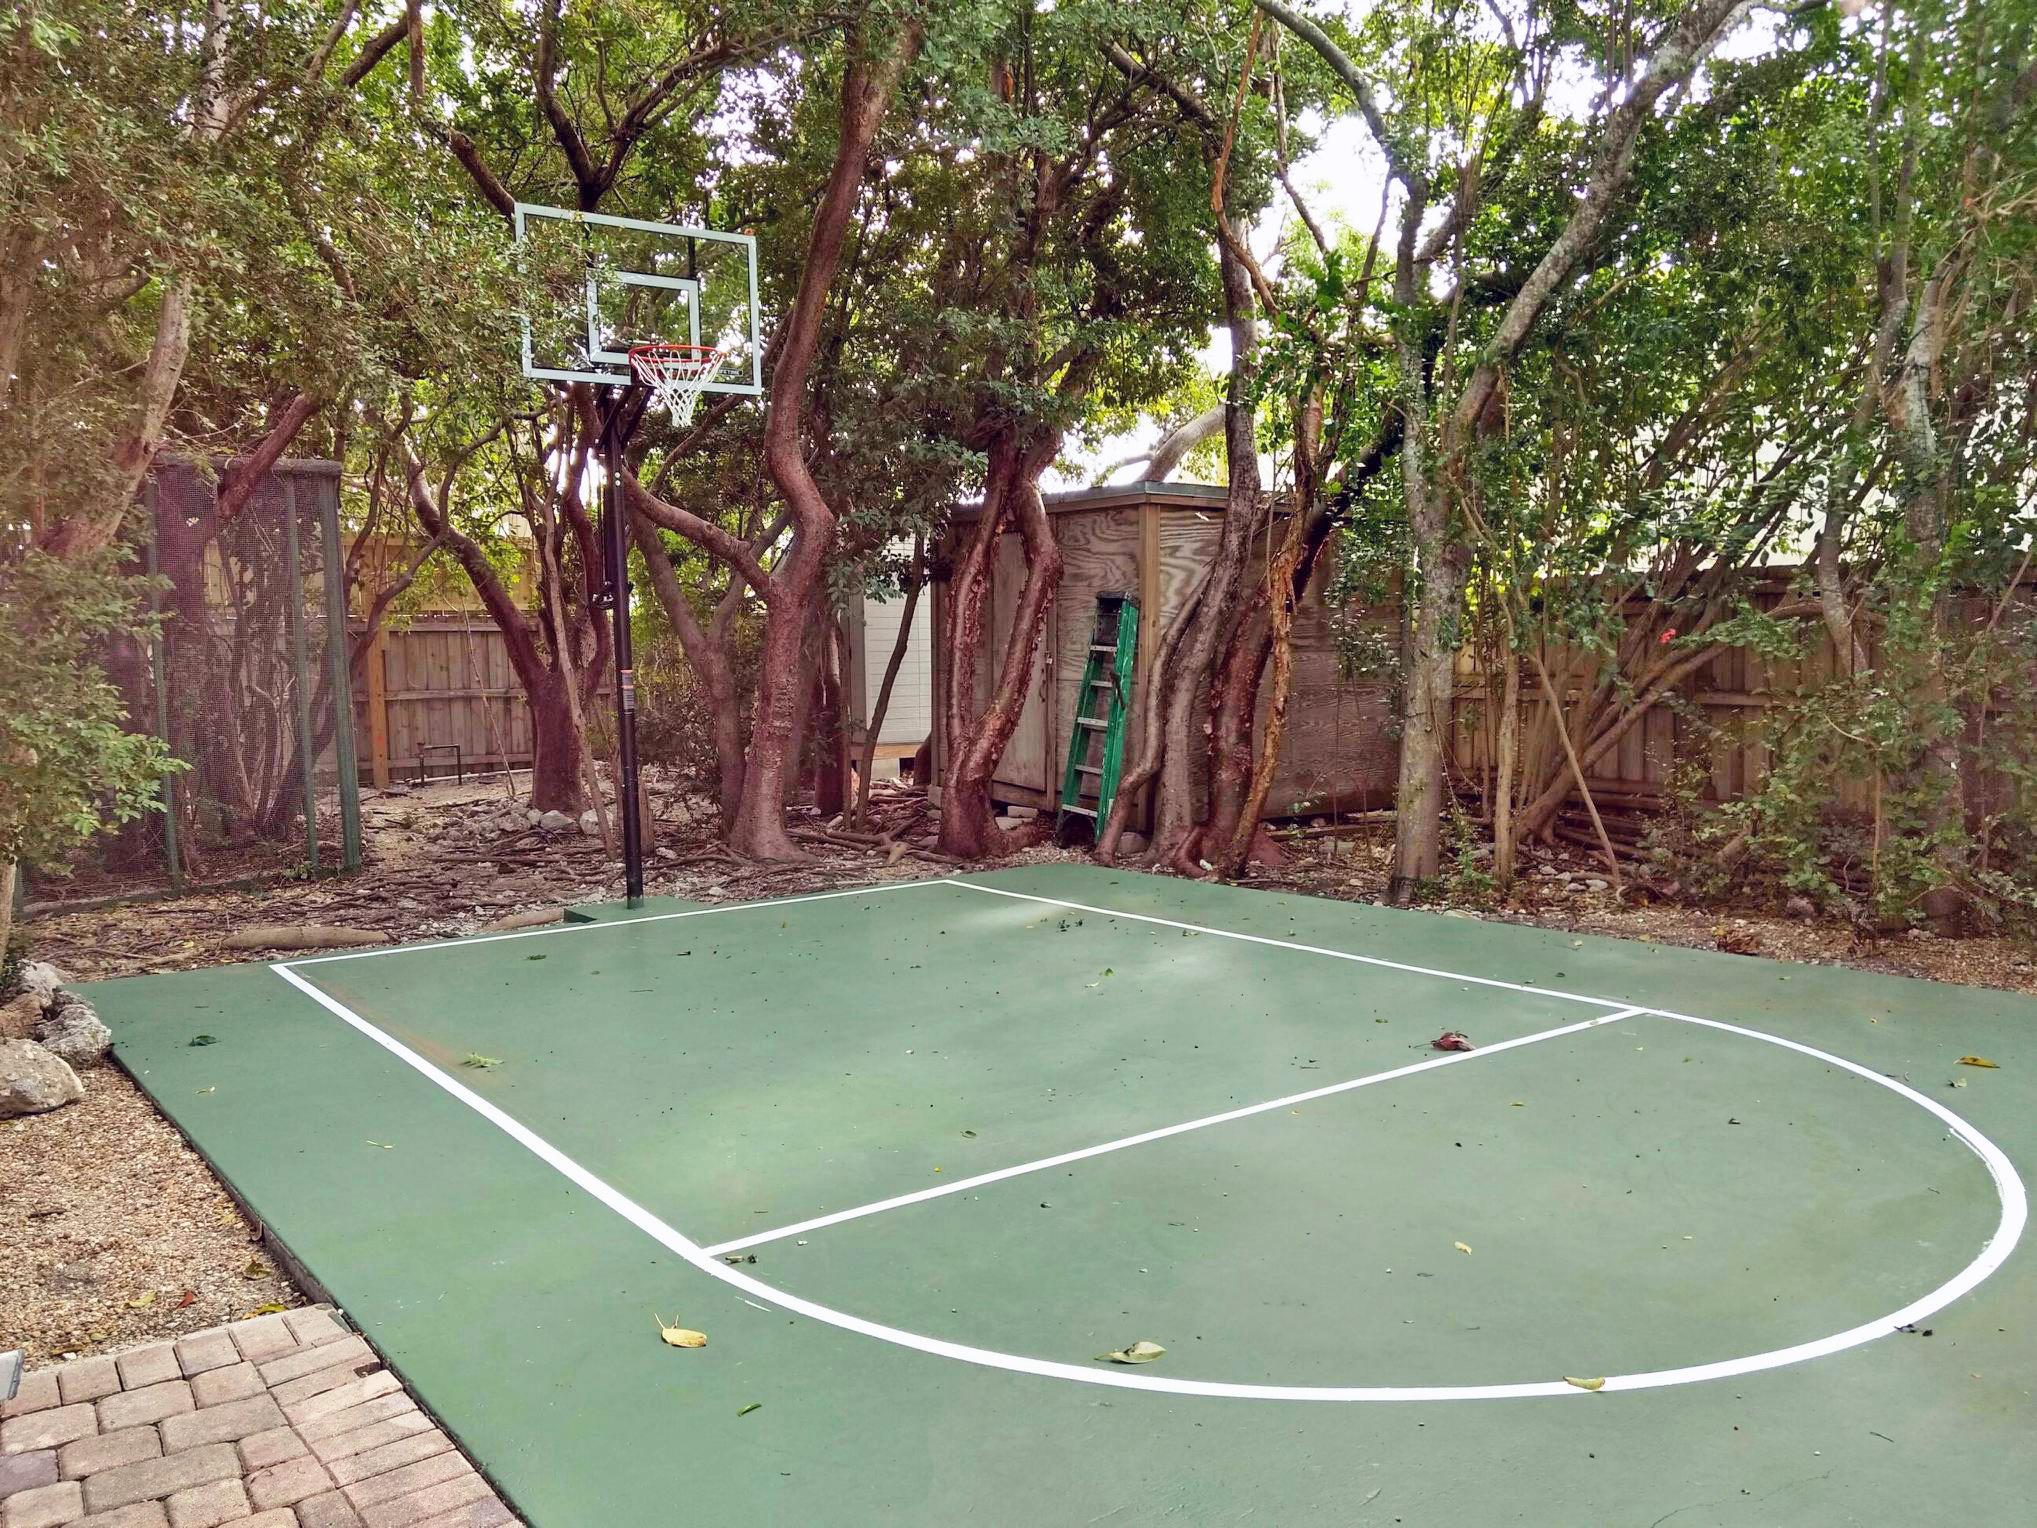 basketballcourt-after